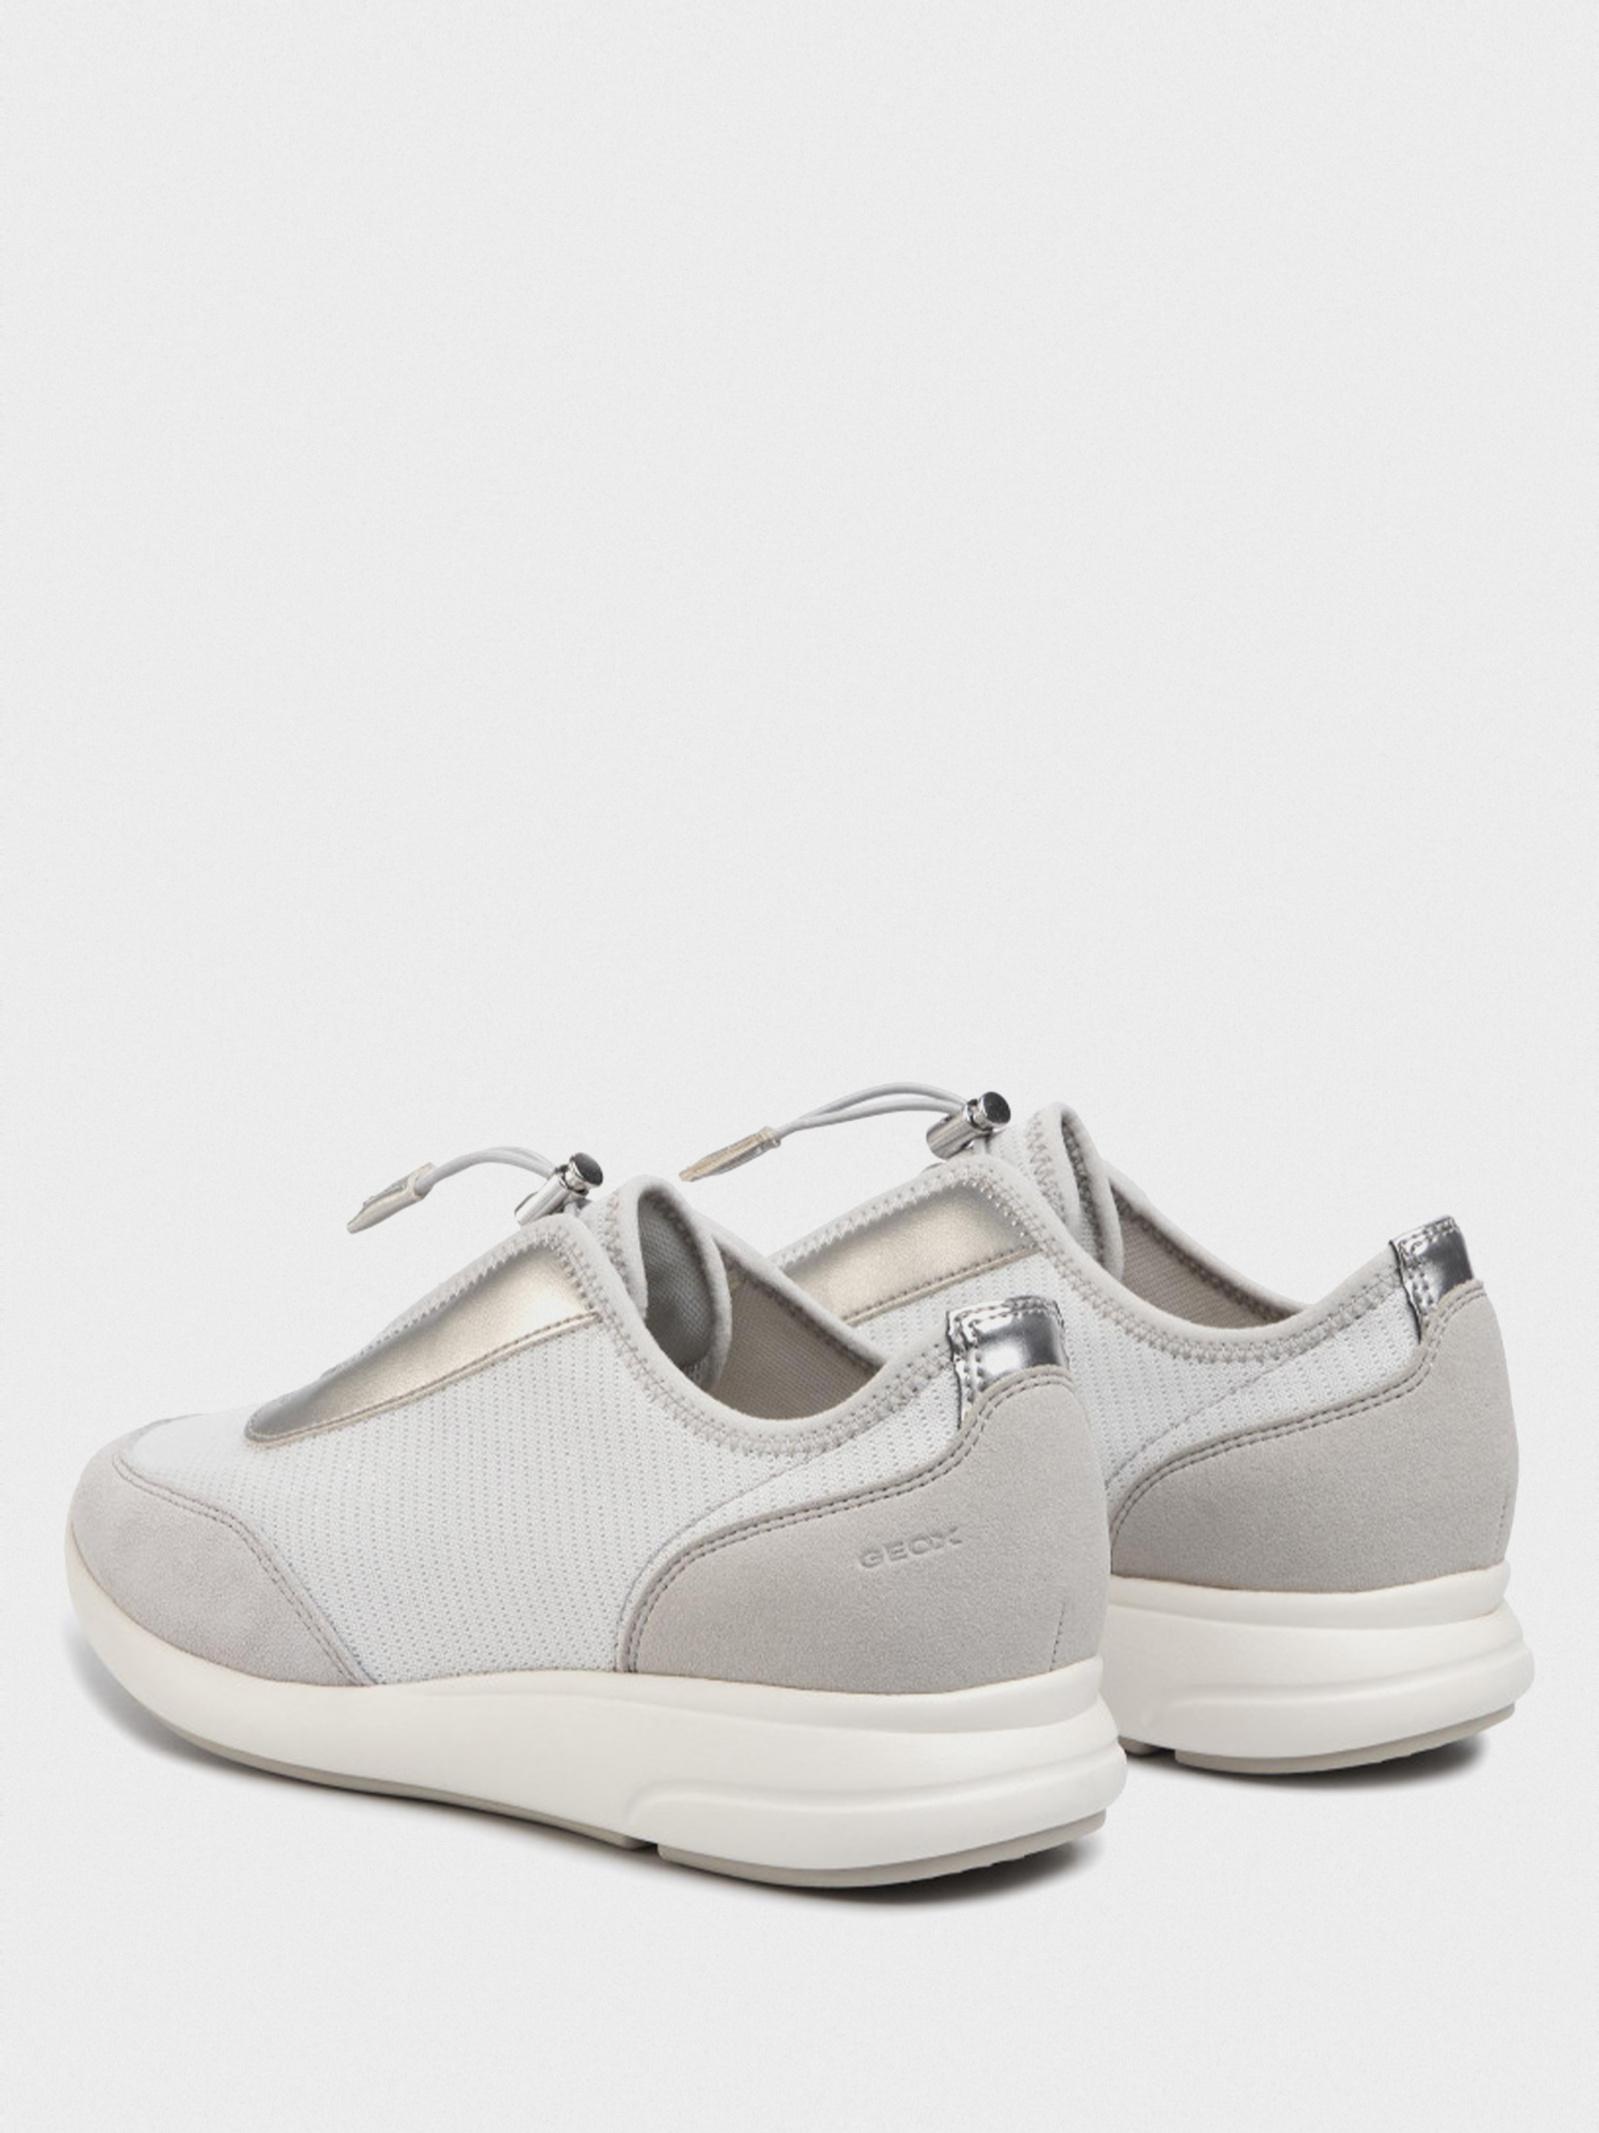 Кросівки  для жінок Geox D OPHIRA D021CA-0EWNF-C1355 брендове взуття, 2017